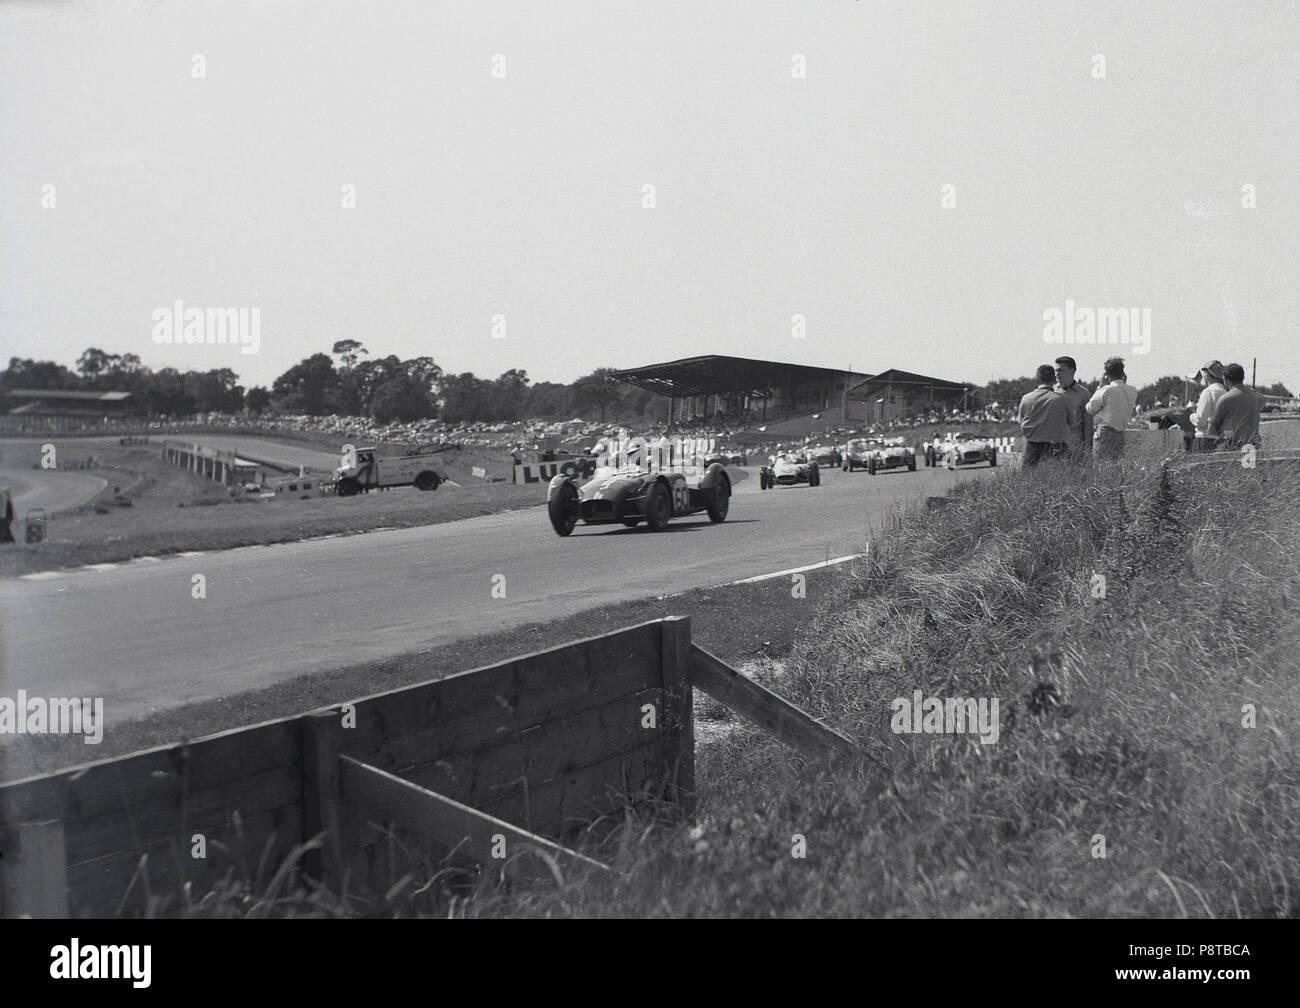 1950, el automovilismo, el monoplaza de abrir la rueda de carreras de coches que compiten en el exterior, en la pista de carreras con espectadores cerca de la acción, Inglaterra, Reino Unido. Imagen De Stock